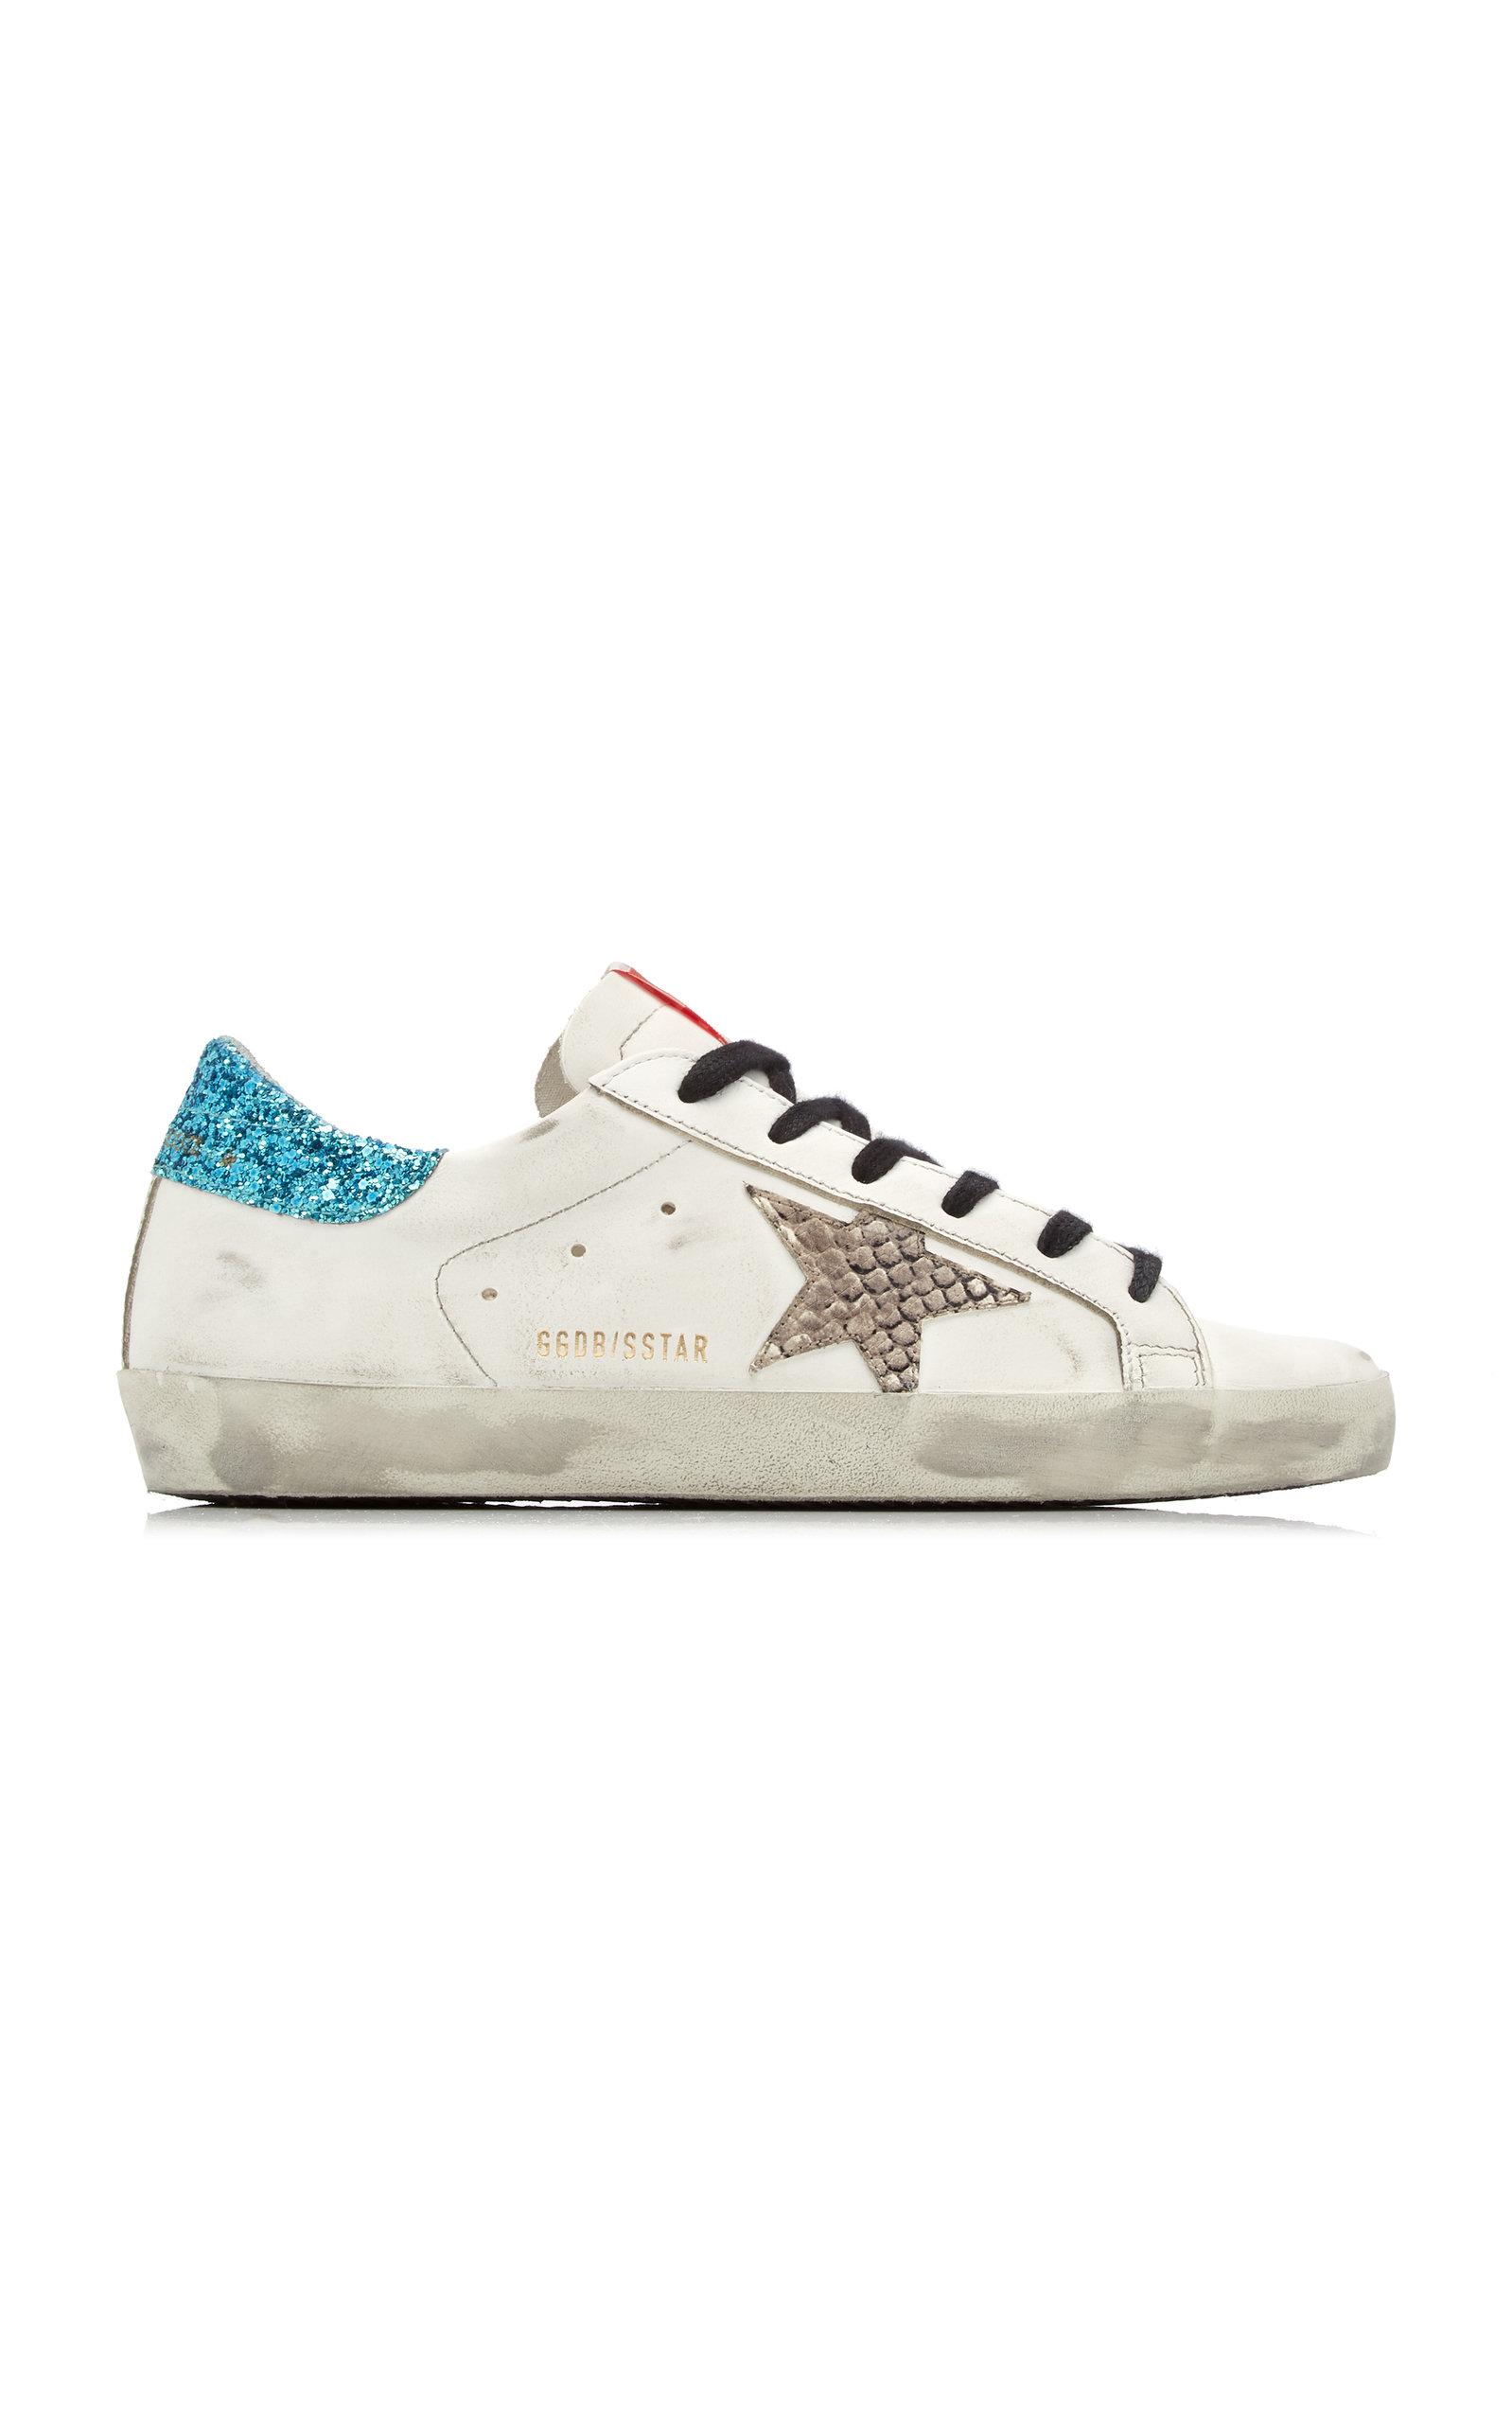 Golden Goose - Women's Super-Star Glitter-Trimmed Leather Sneakers - White - Moda Operandi